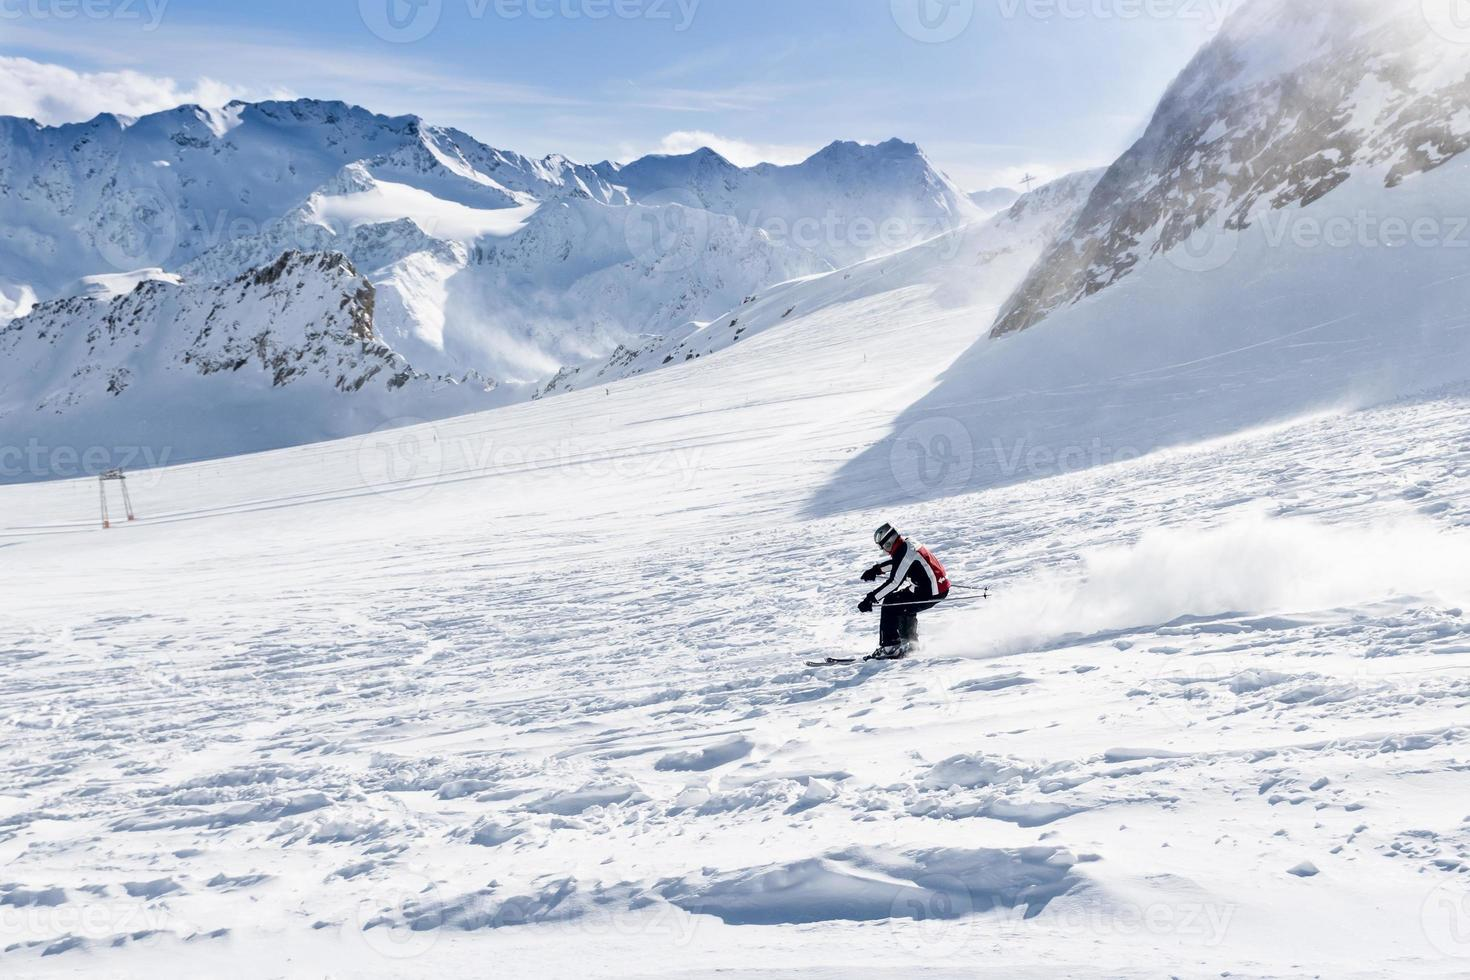 jeune skieur en descente sur la piste de ski photo